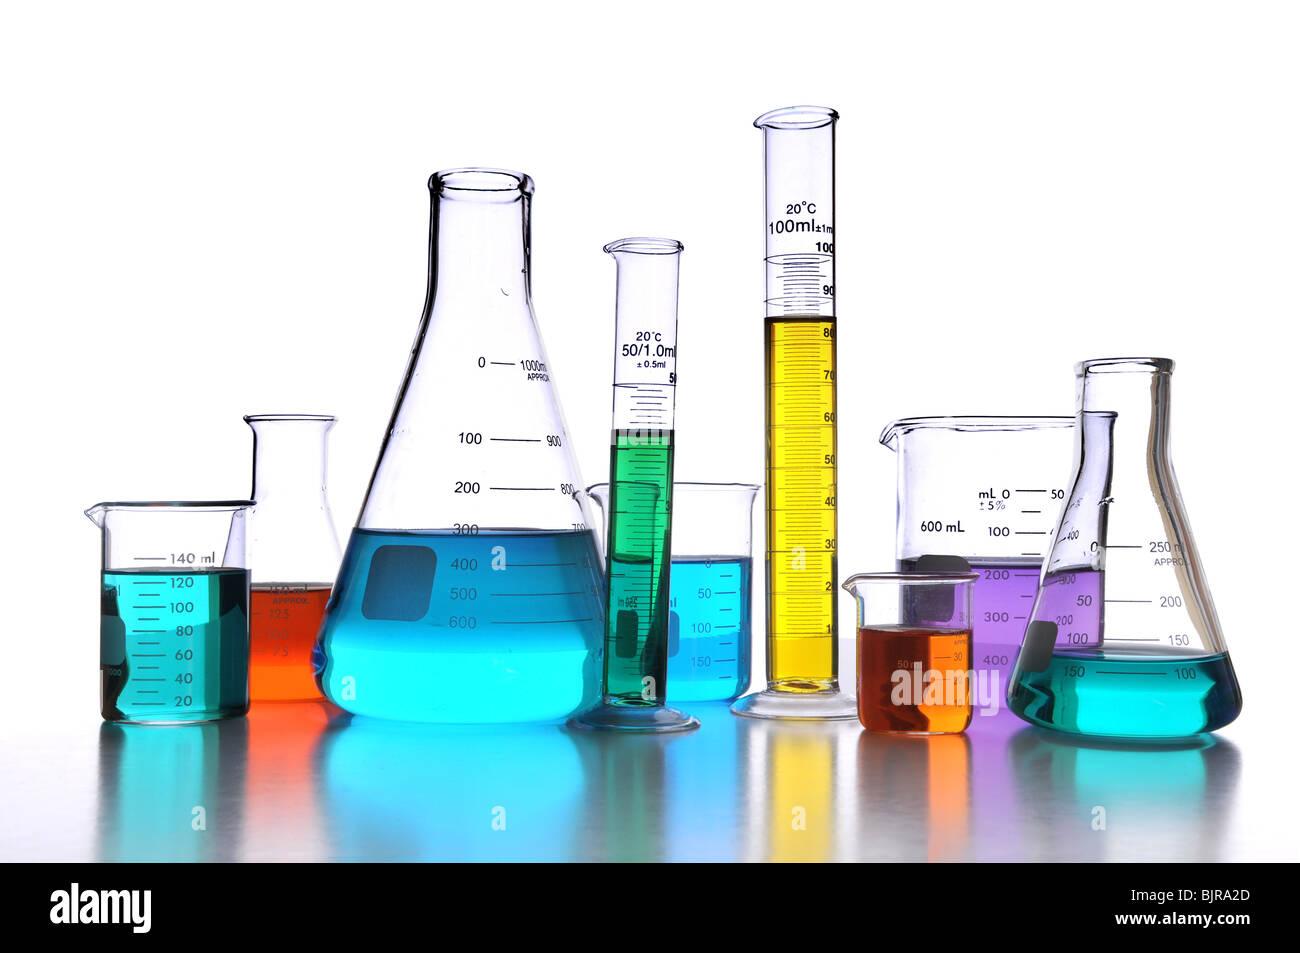 El material de vidrio de laboratorio sobre fondo blanco con reflejos sobre la superficie Imagen De Stock